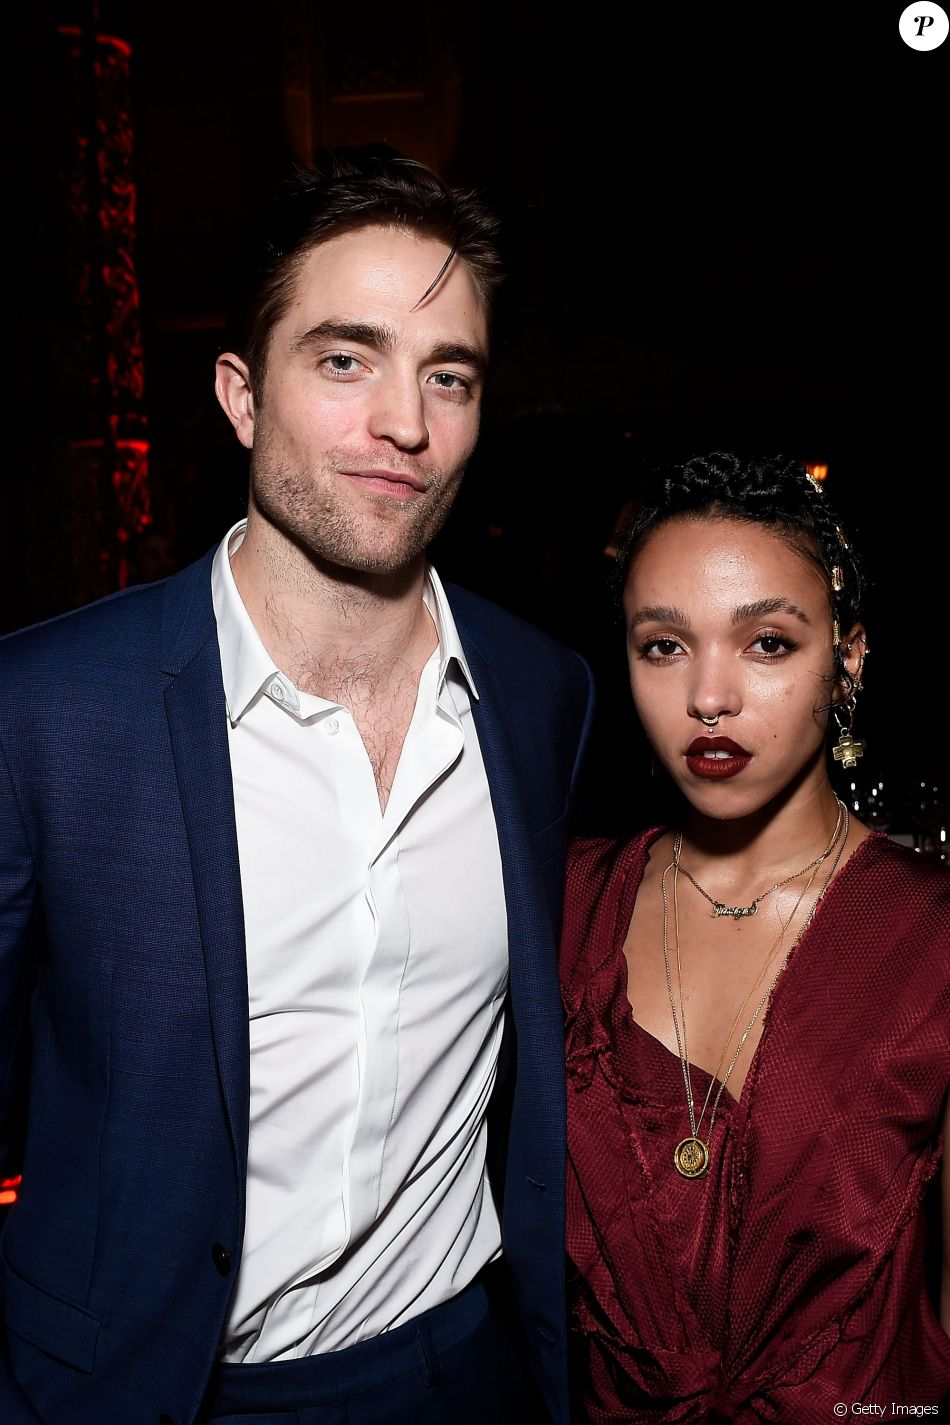 Robert Pattinson confirmou que está noivo da cantora FKA Twigs: 'Ela é fantástica'